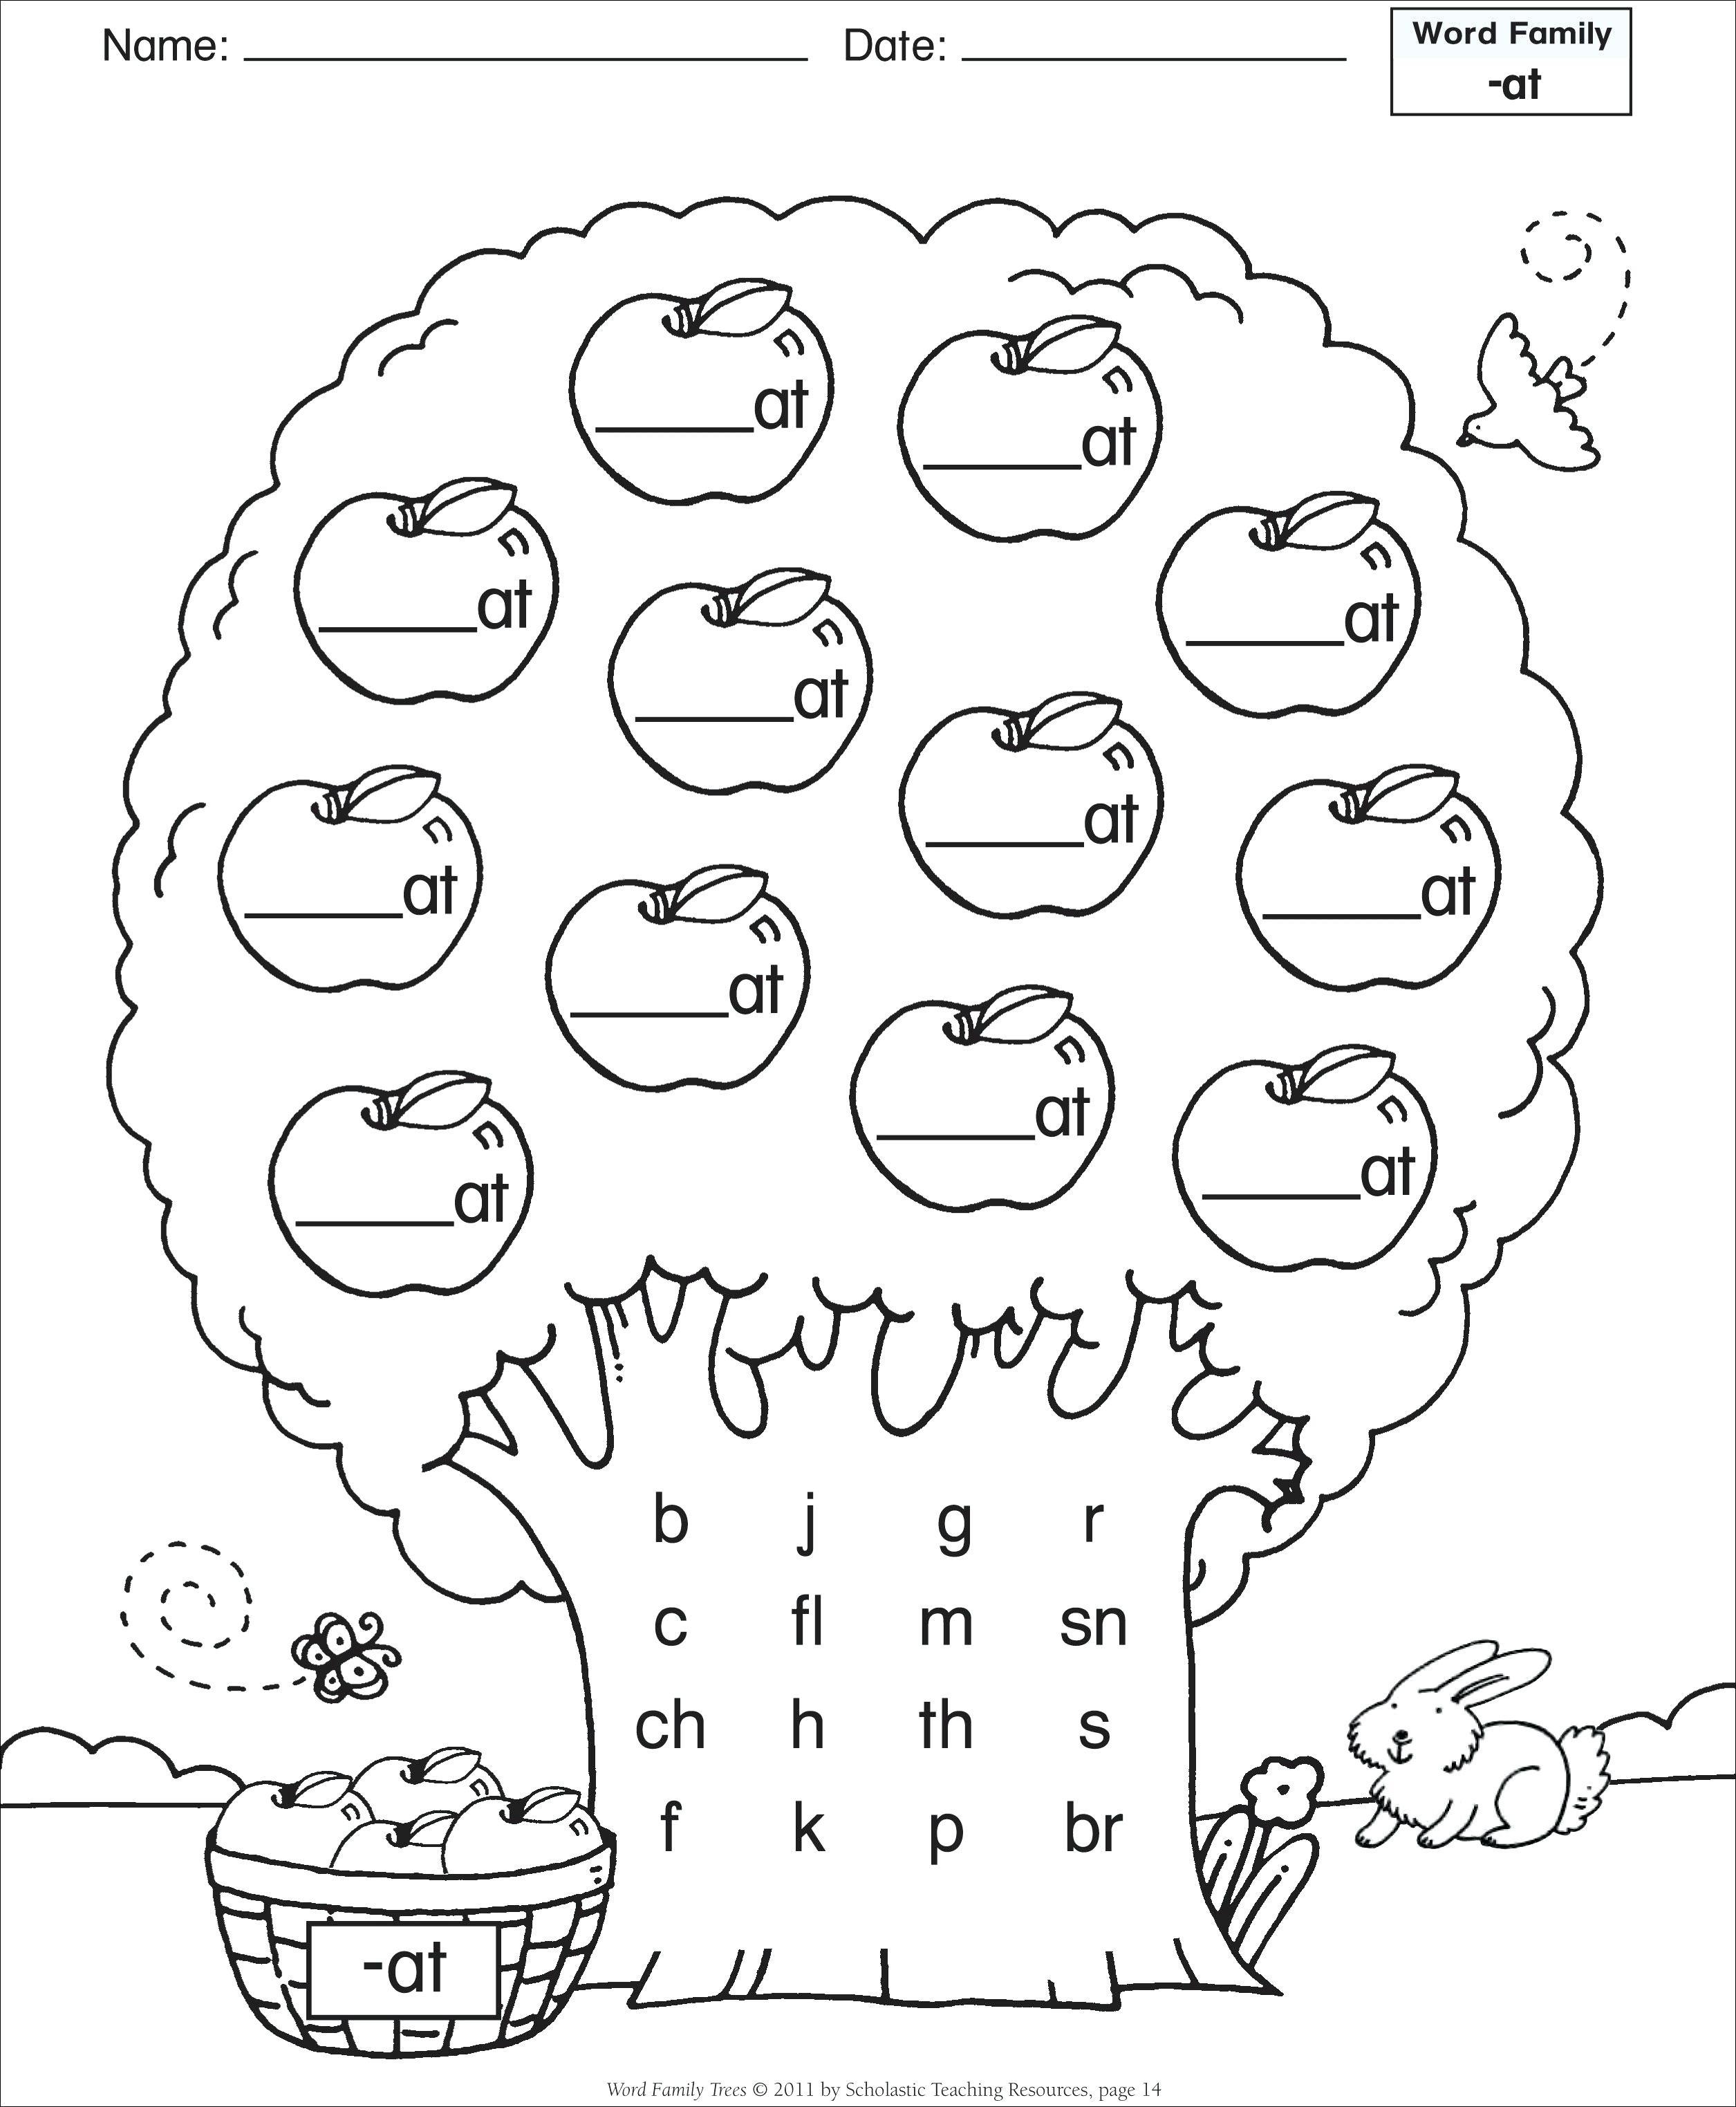 Word Family Worksheet Kindergarten Free Word Family Worksheets Word Families Template Free Word